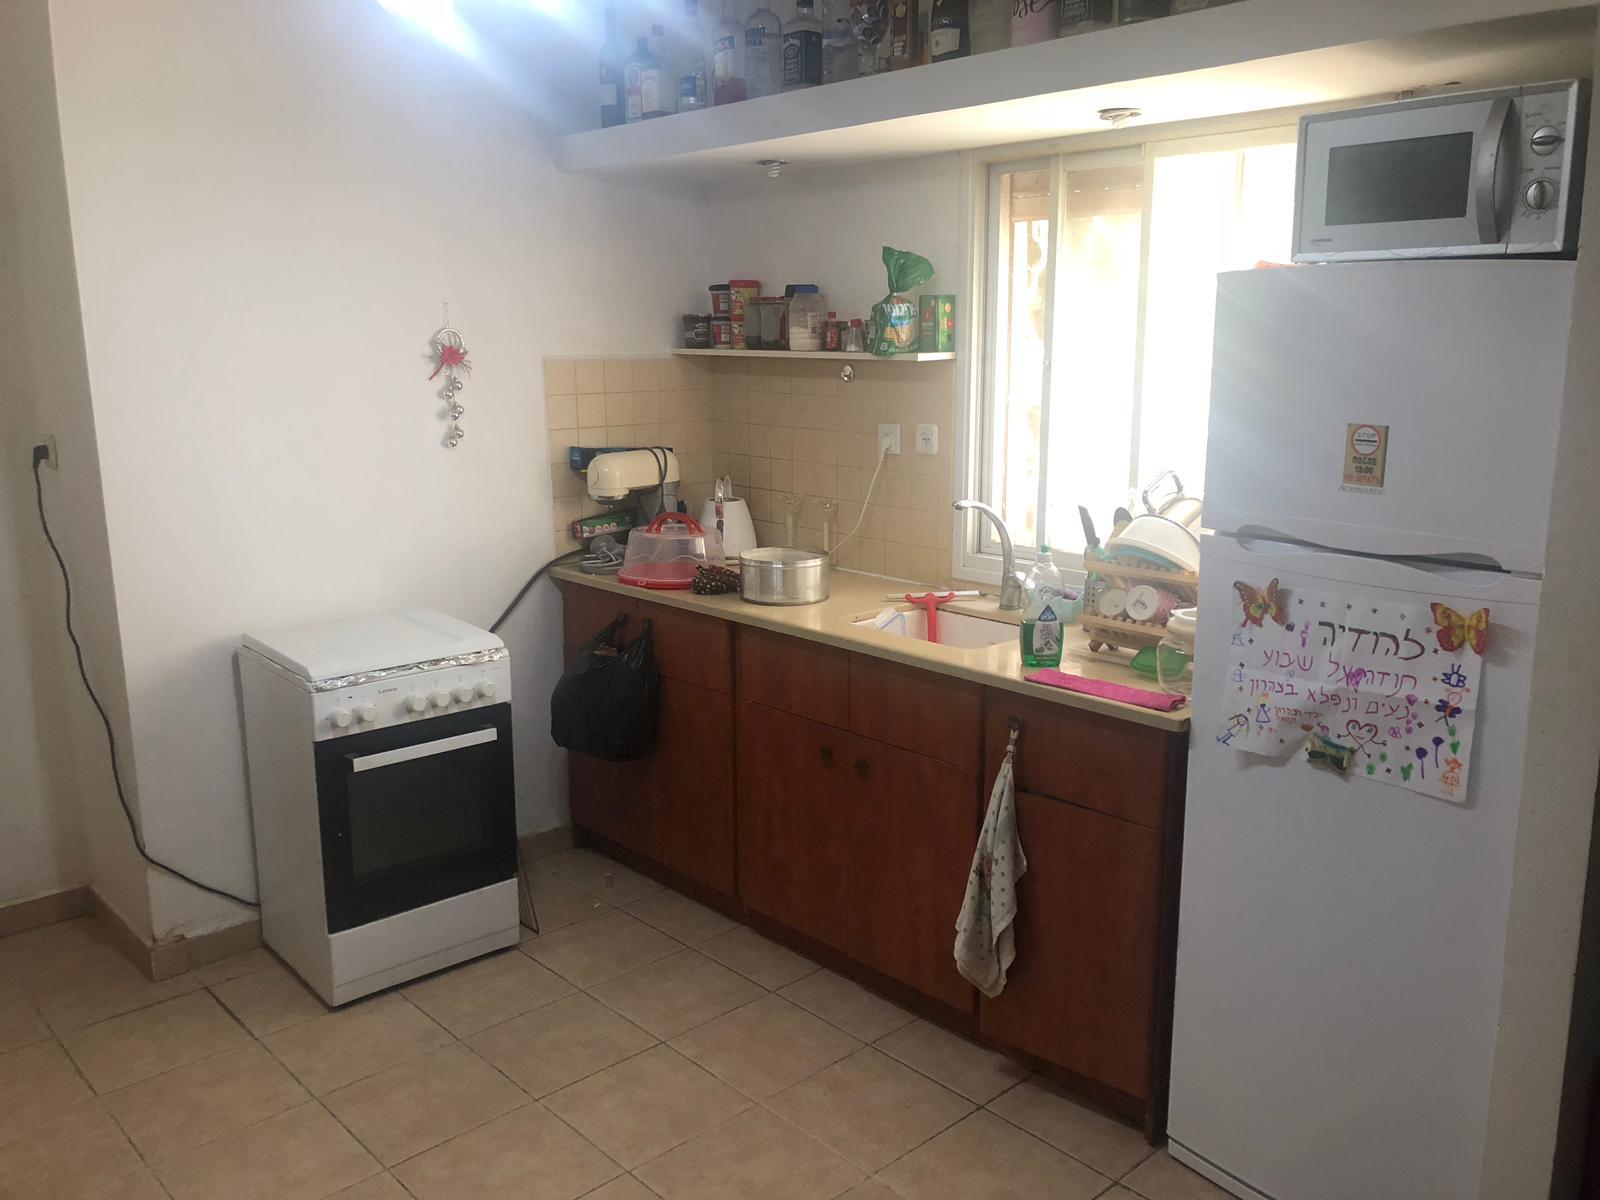 דירת 4.5 חד' למכירה ברח' כורש בחיפה